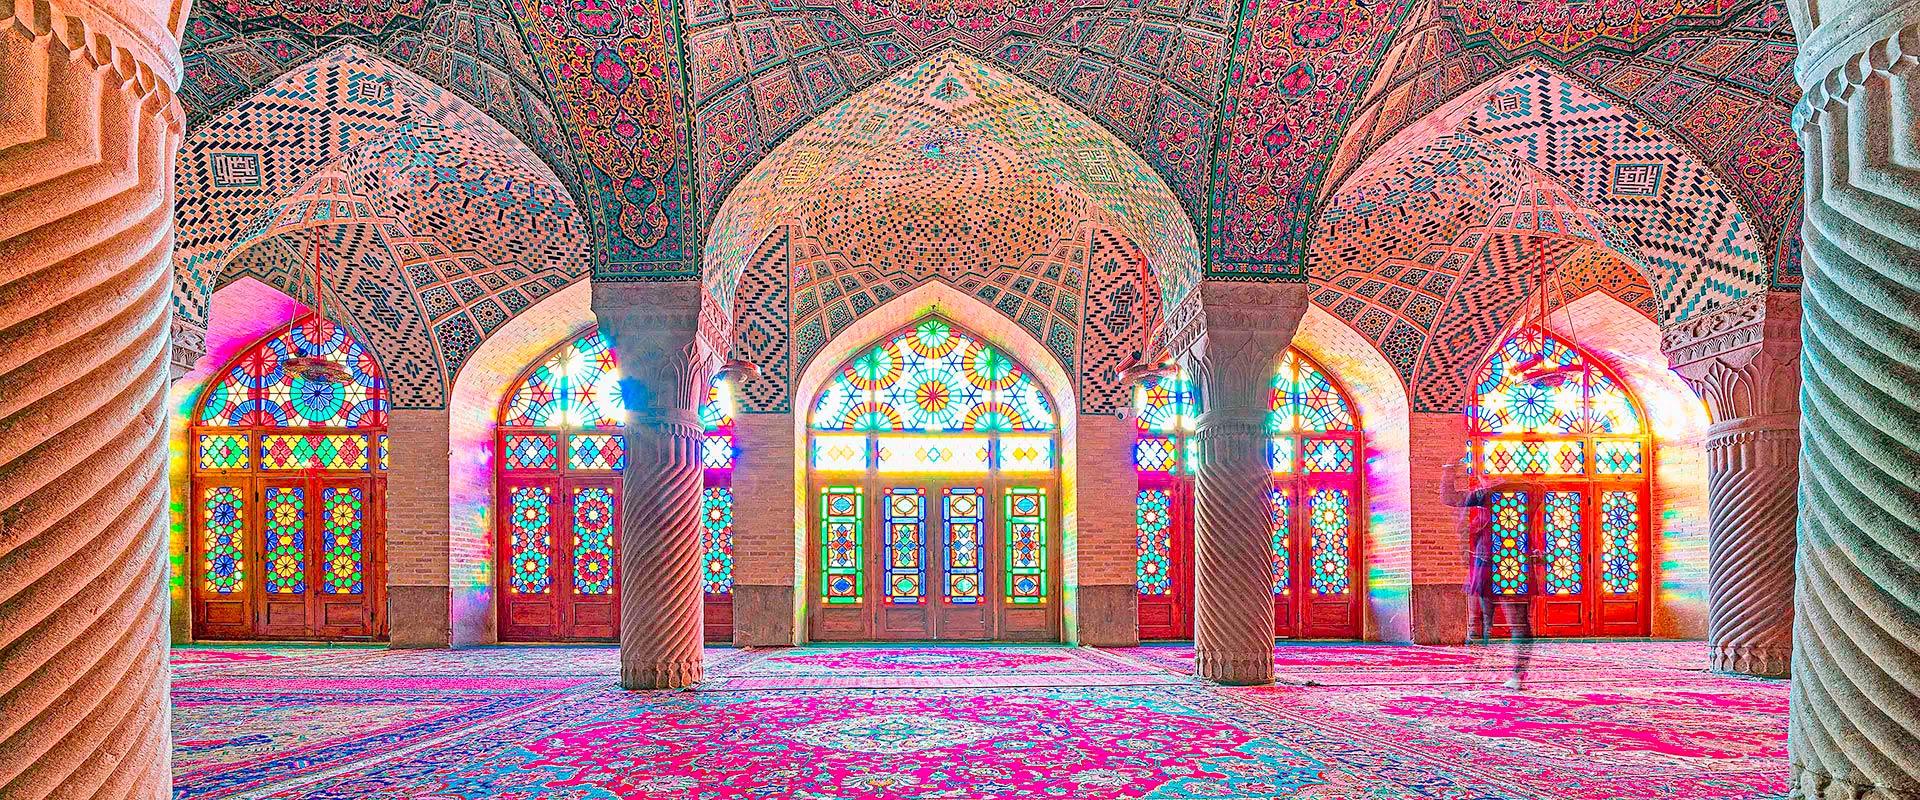 Moschee in Shiraz fotografiert auf einer Fotoreise mit Benny Rebel durch den Iran.